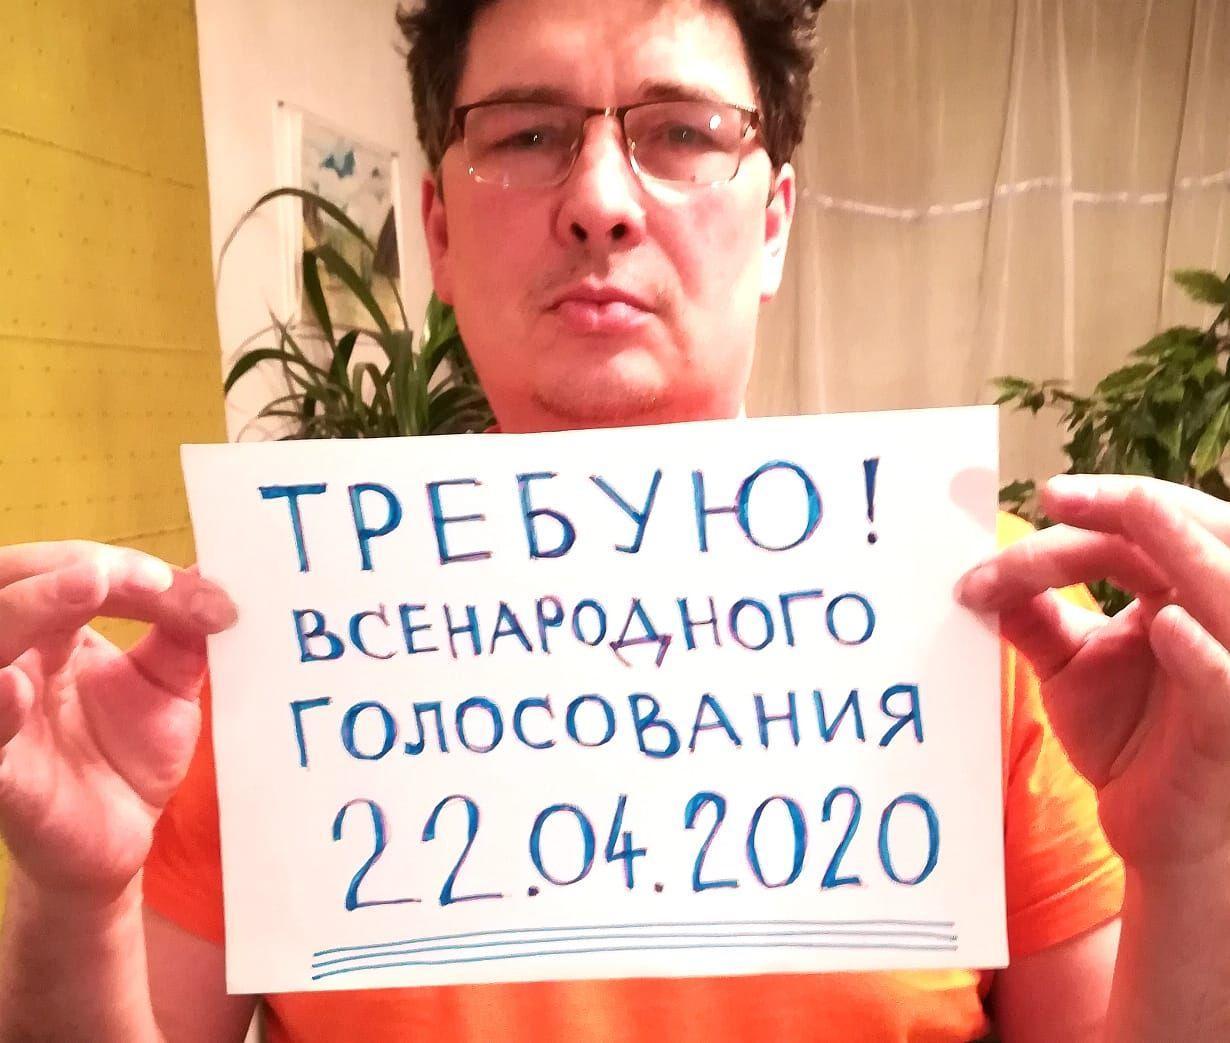 photo_2020-04-08_16-54-59 (3)